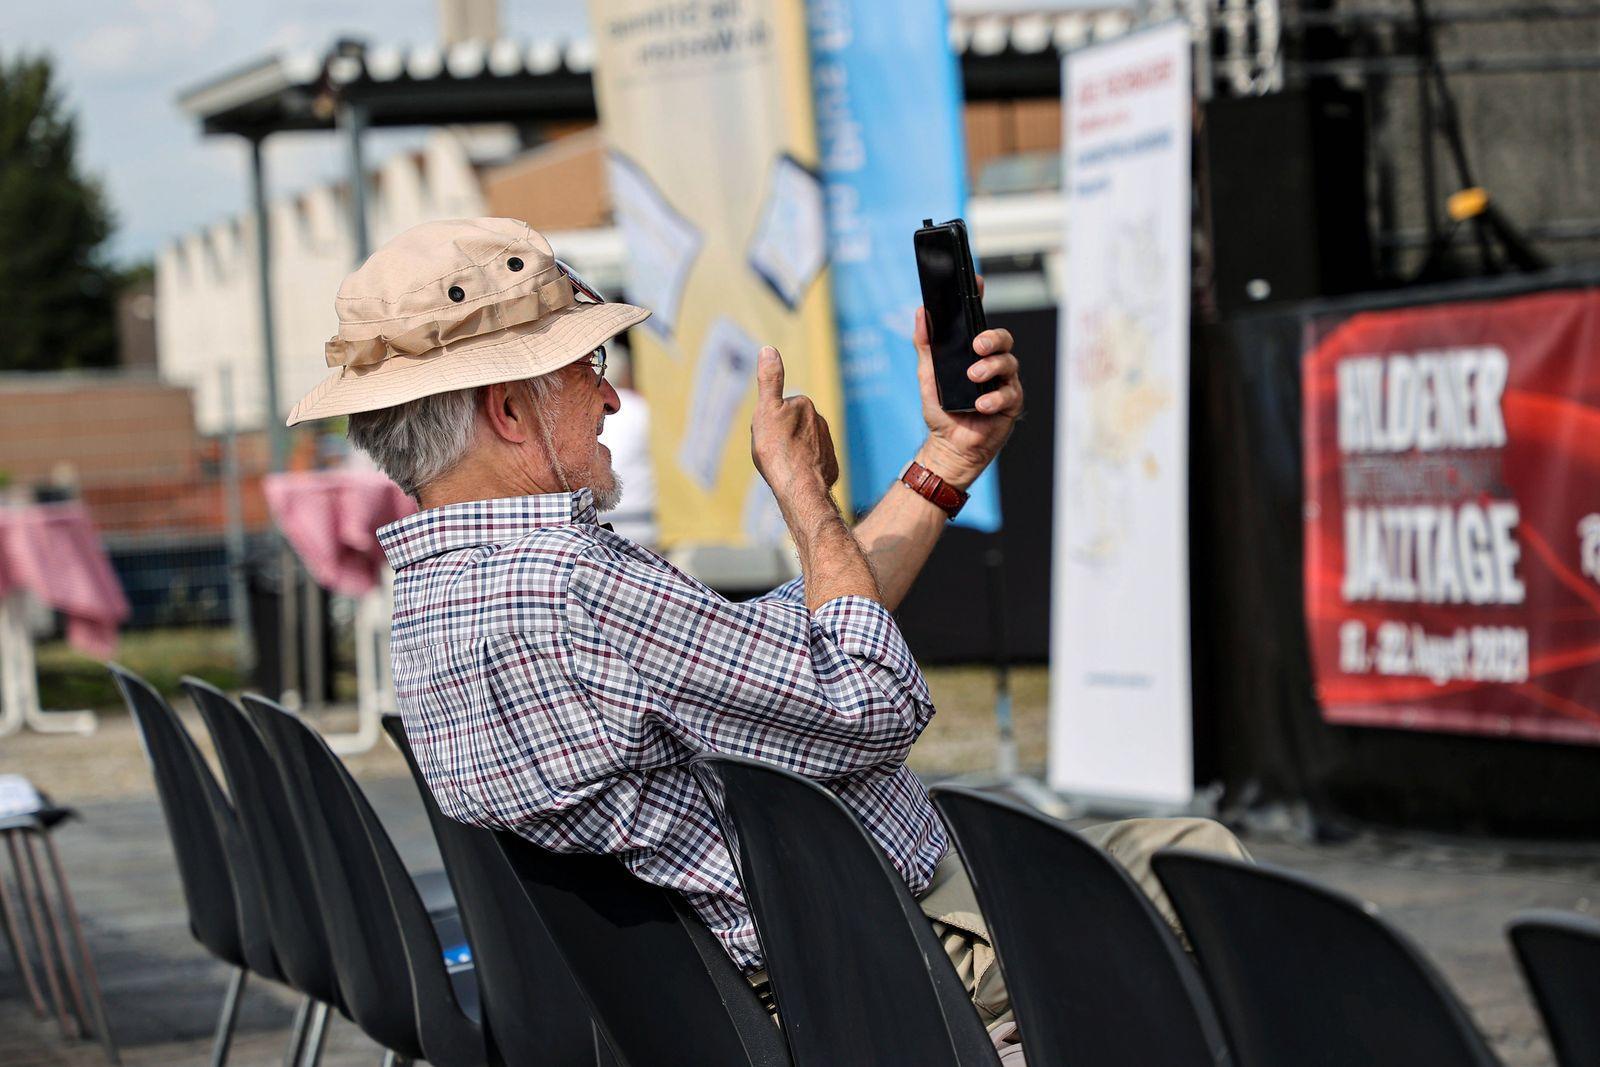 21.08.2021. Hilden. Auch Senioren können Smartphone. Hilden_Rheinland Nordrhein-Westfalen Deutschland *** 21 08 2021 Hil